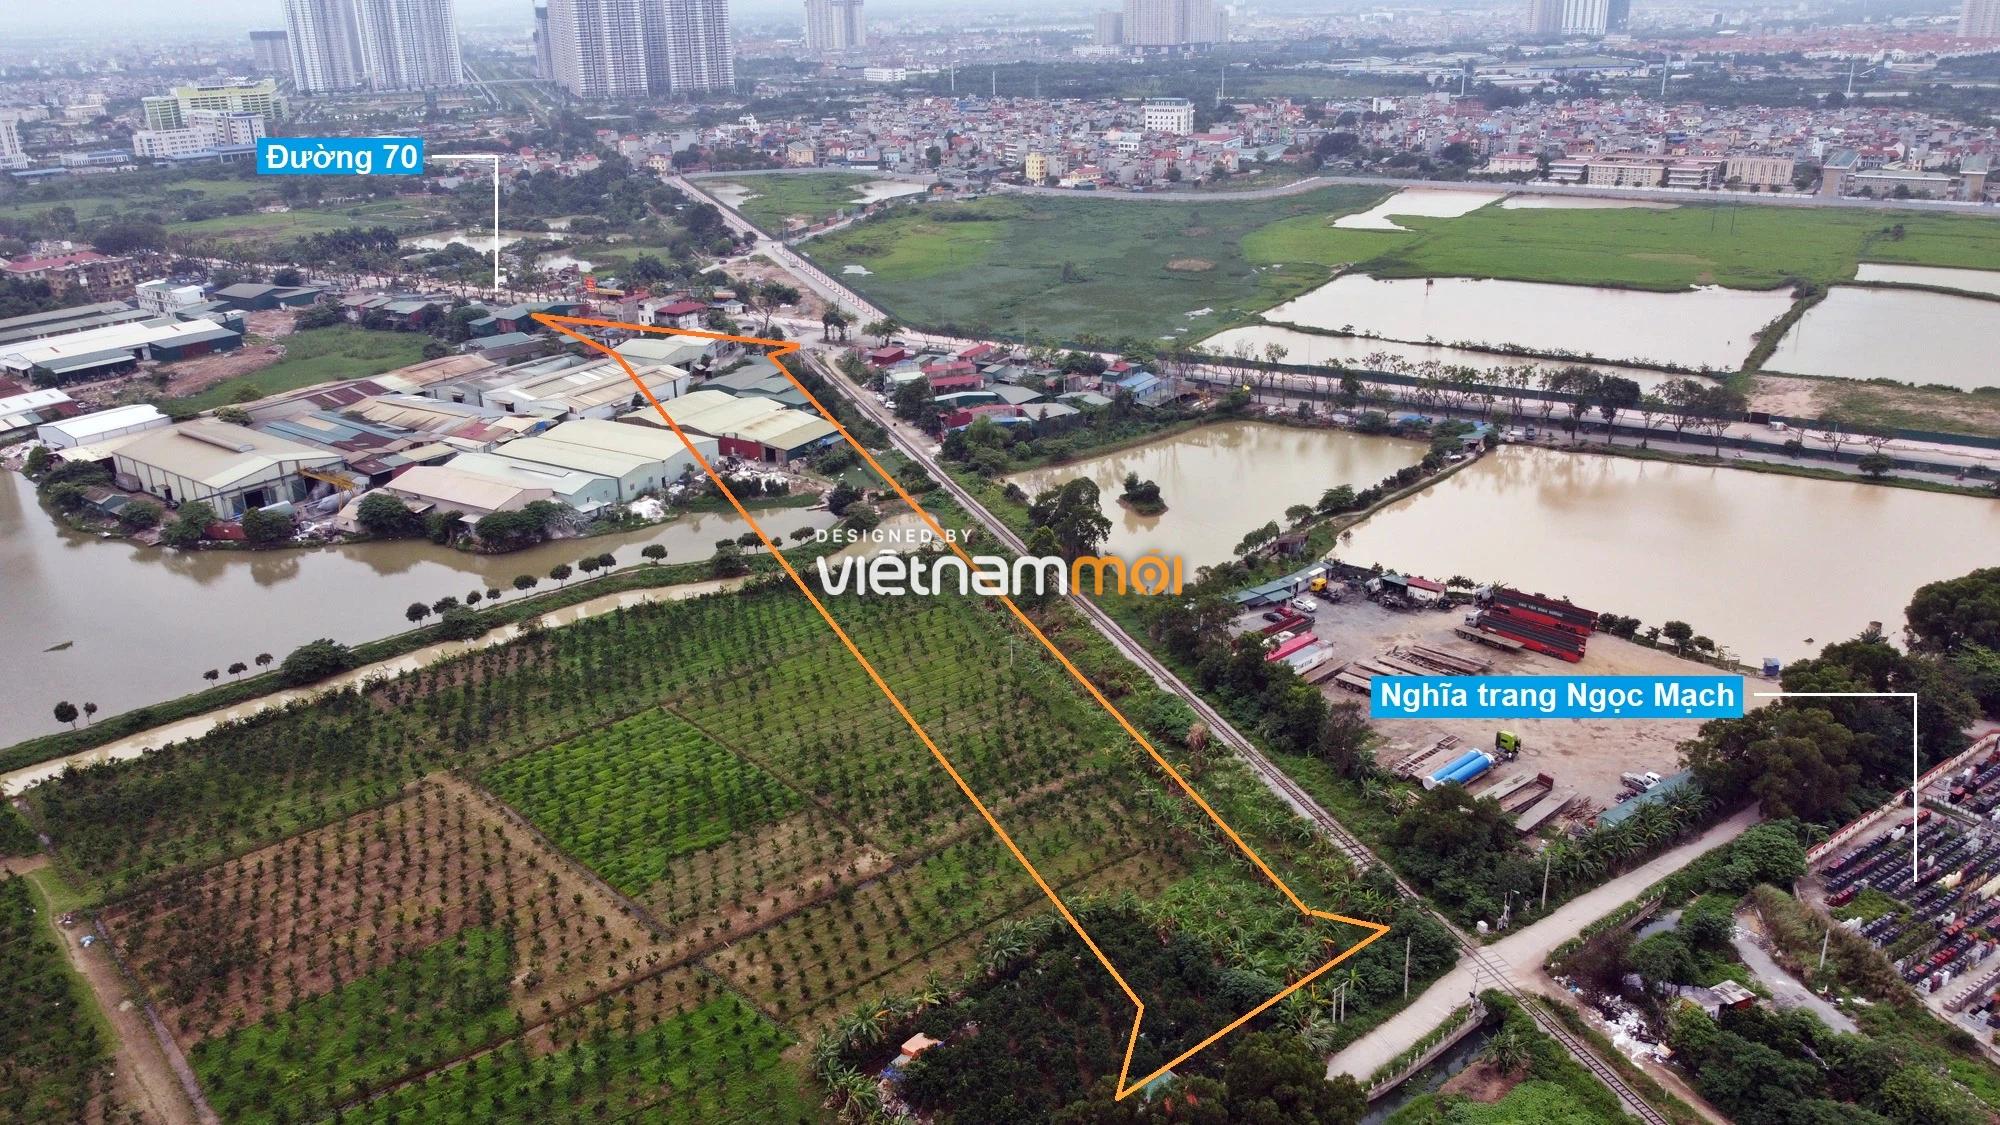 Những khu đất sắp thu hồi để mở đường ở phường Tây Mỗ, Nam Từ Liêm, Hà Nội (phần 3) - Ảnh 14.